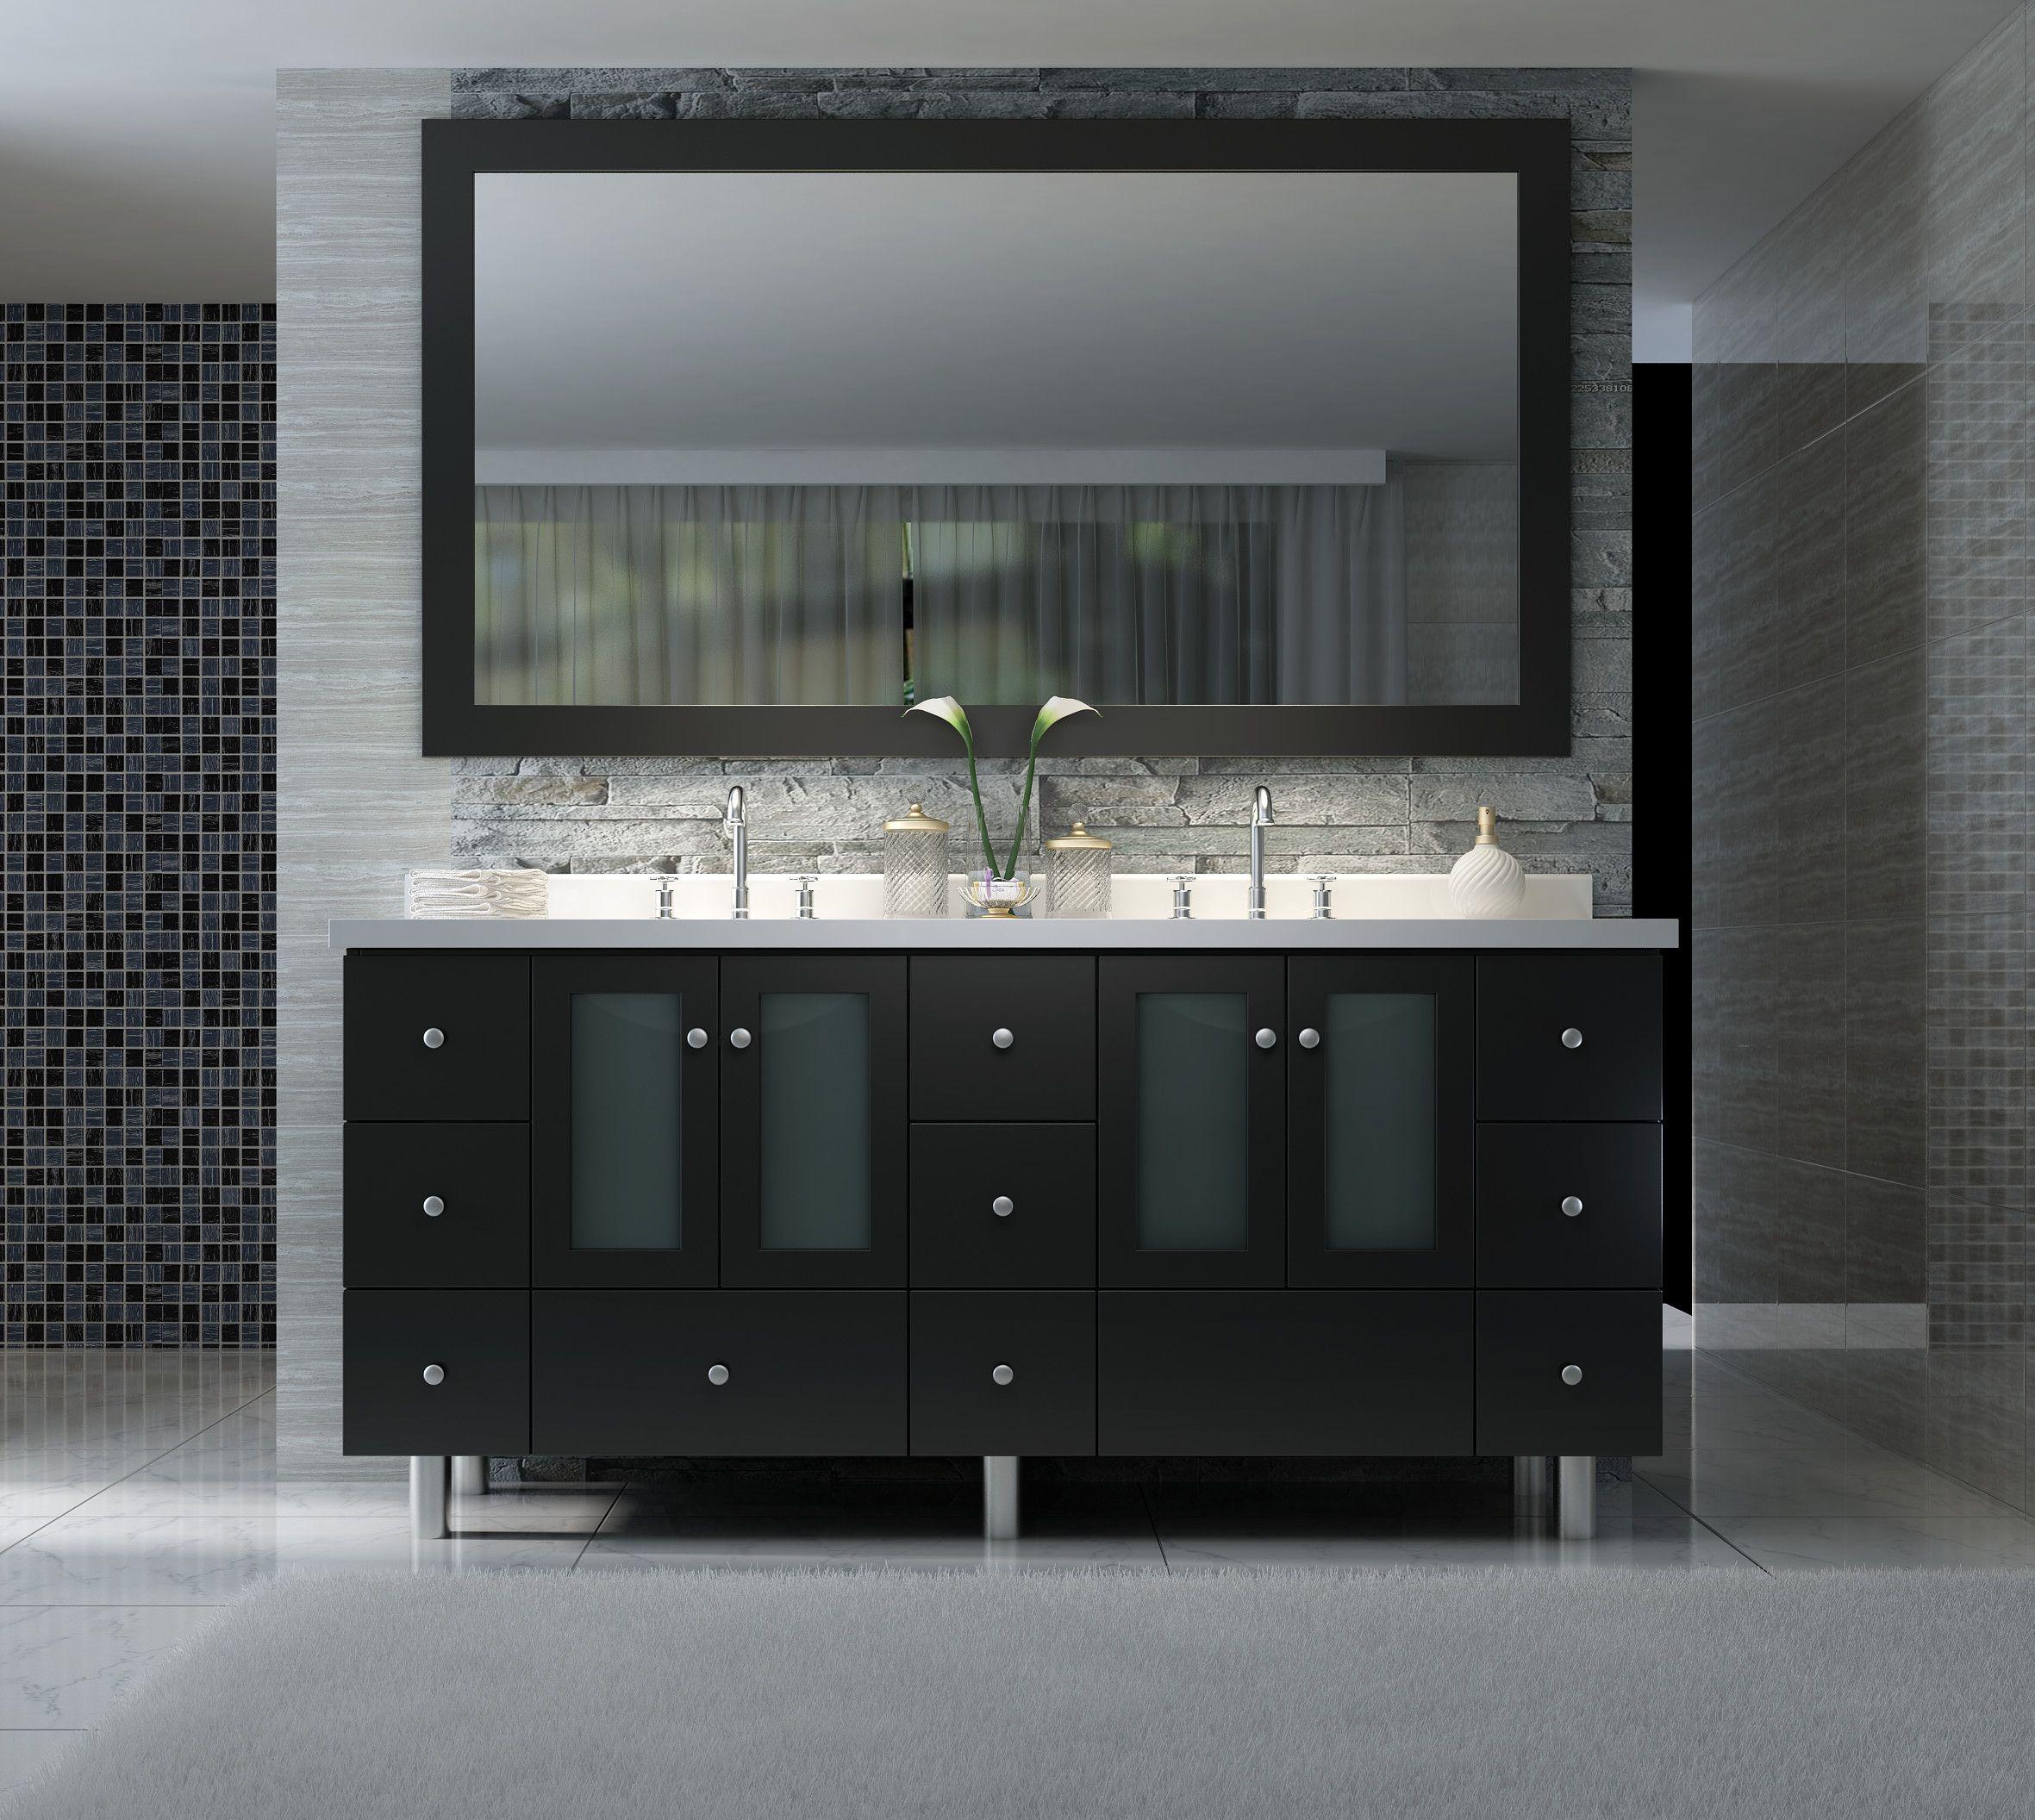 73 Inch Double Sink Bathroom Vanity Set In Black Finish Luxury Bathroom Vanities Bathroom Vanity Store Discount Bathroom Vanities Black Vanity Bathroom